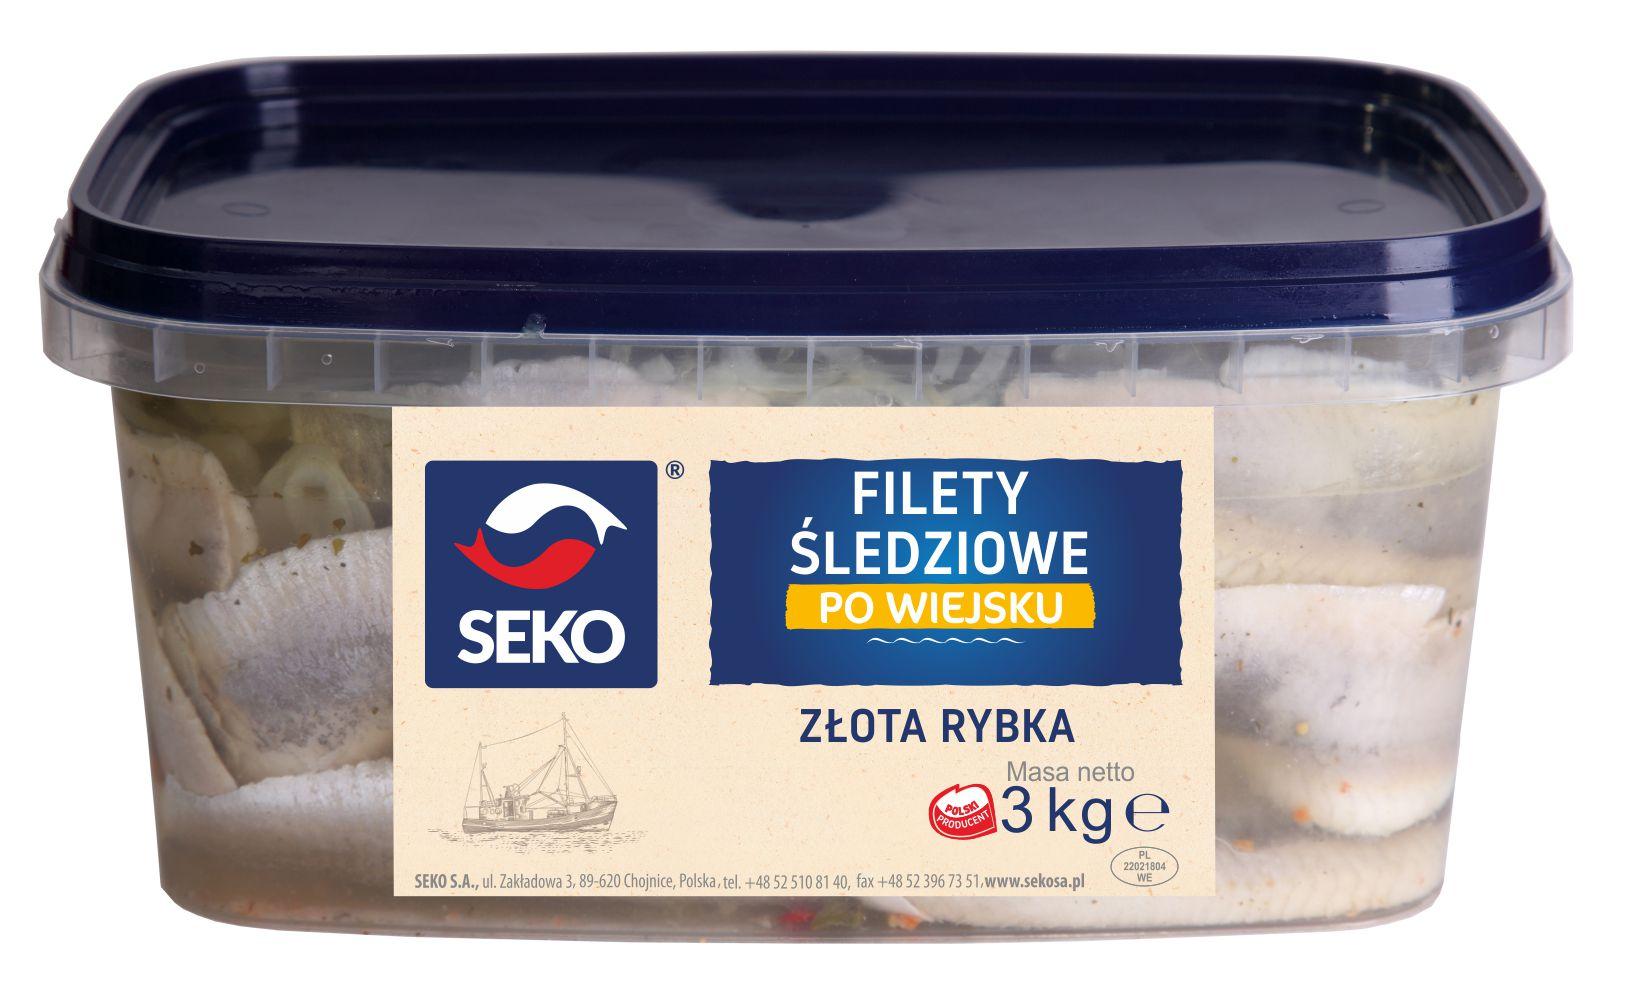 Filety śledziowe z olejem wiejskim - ZŁOTA RYBKA